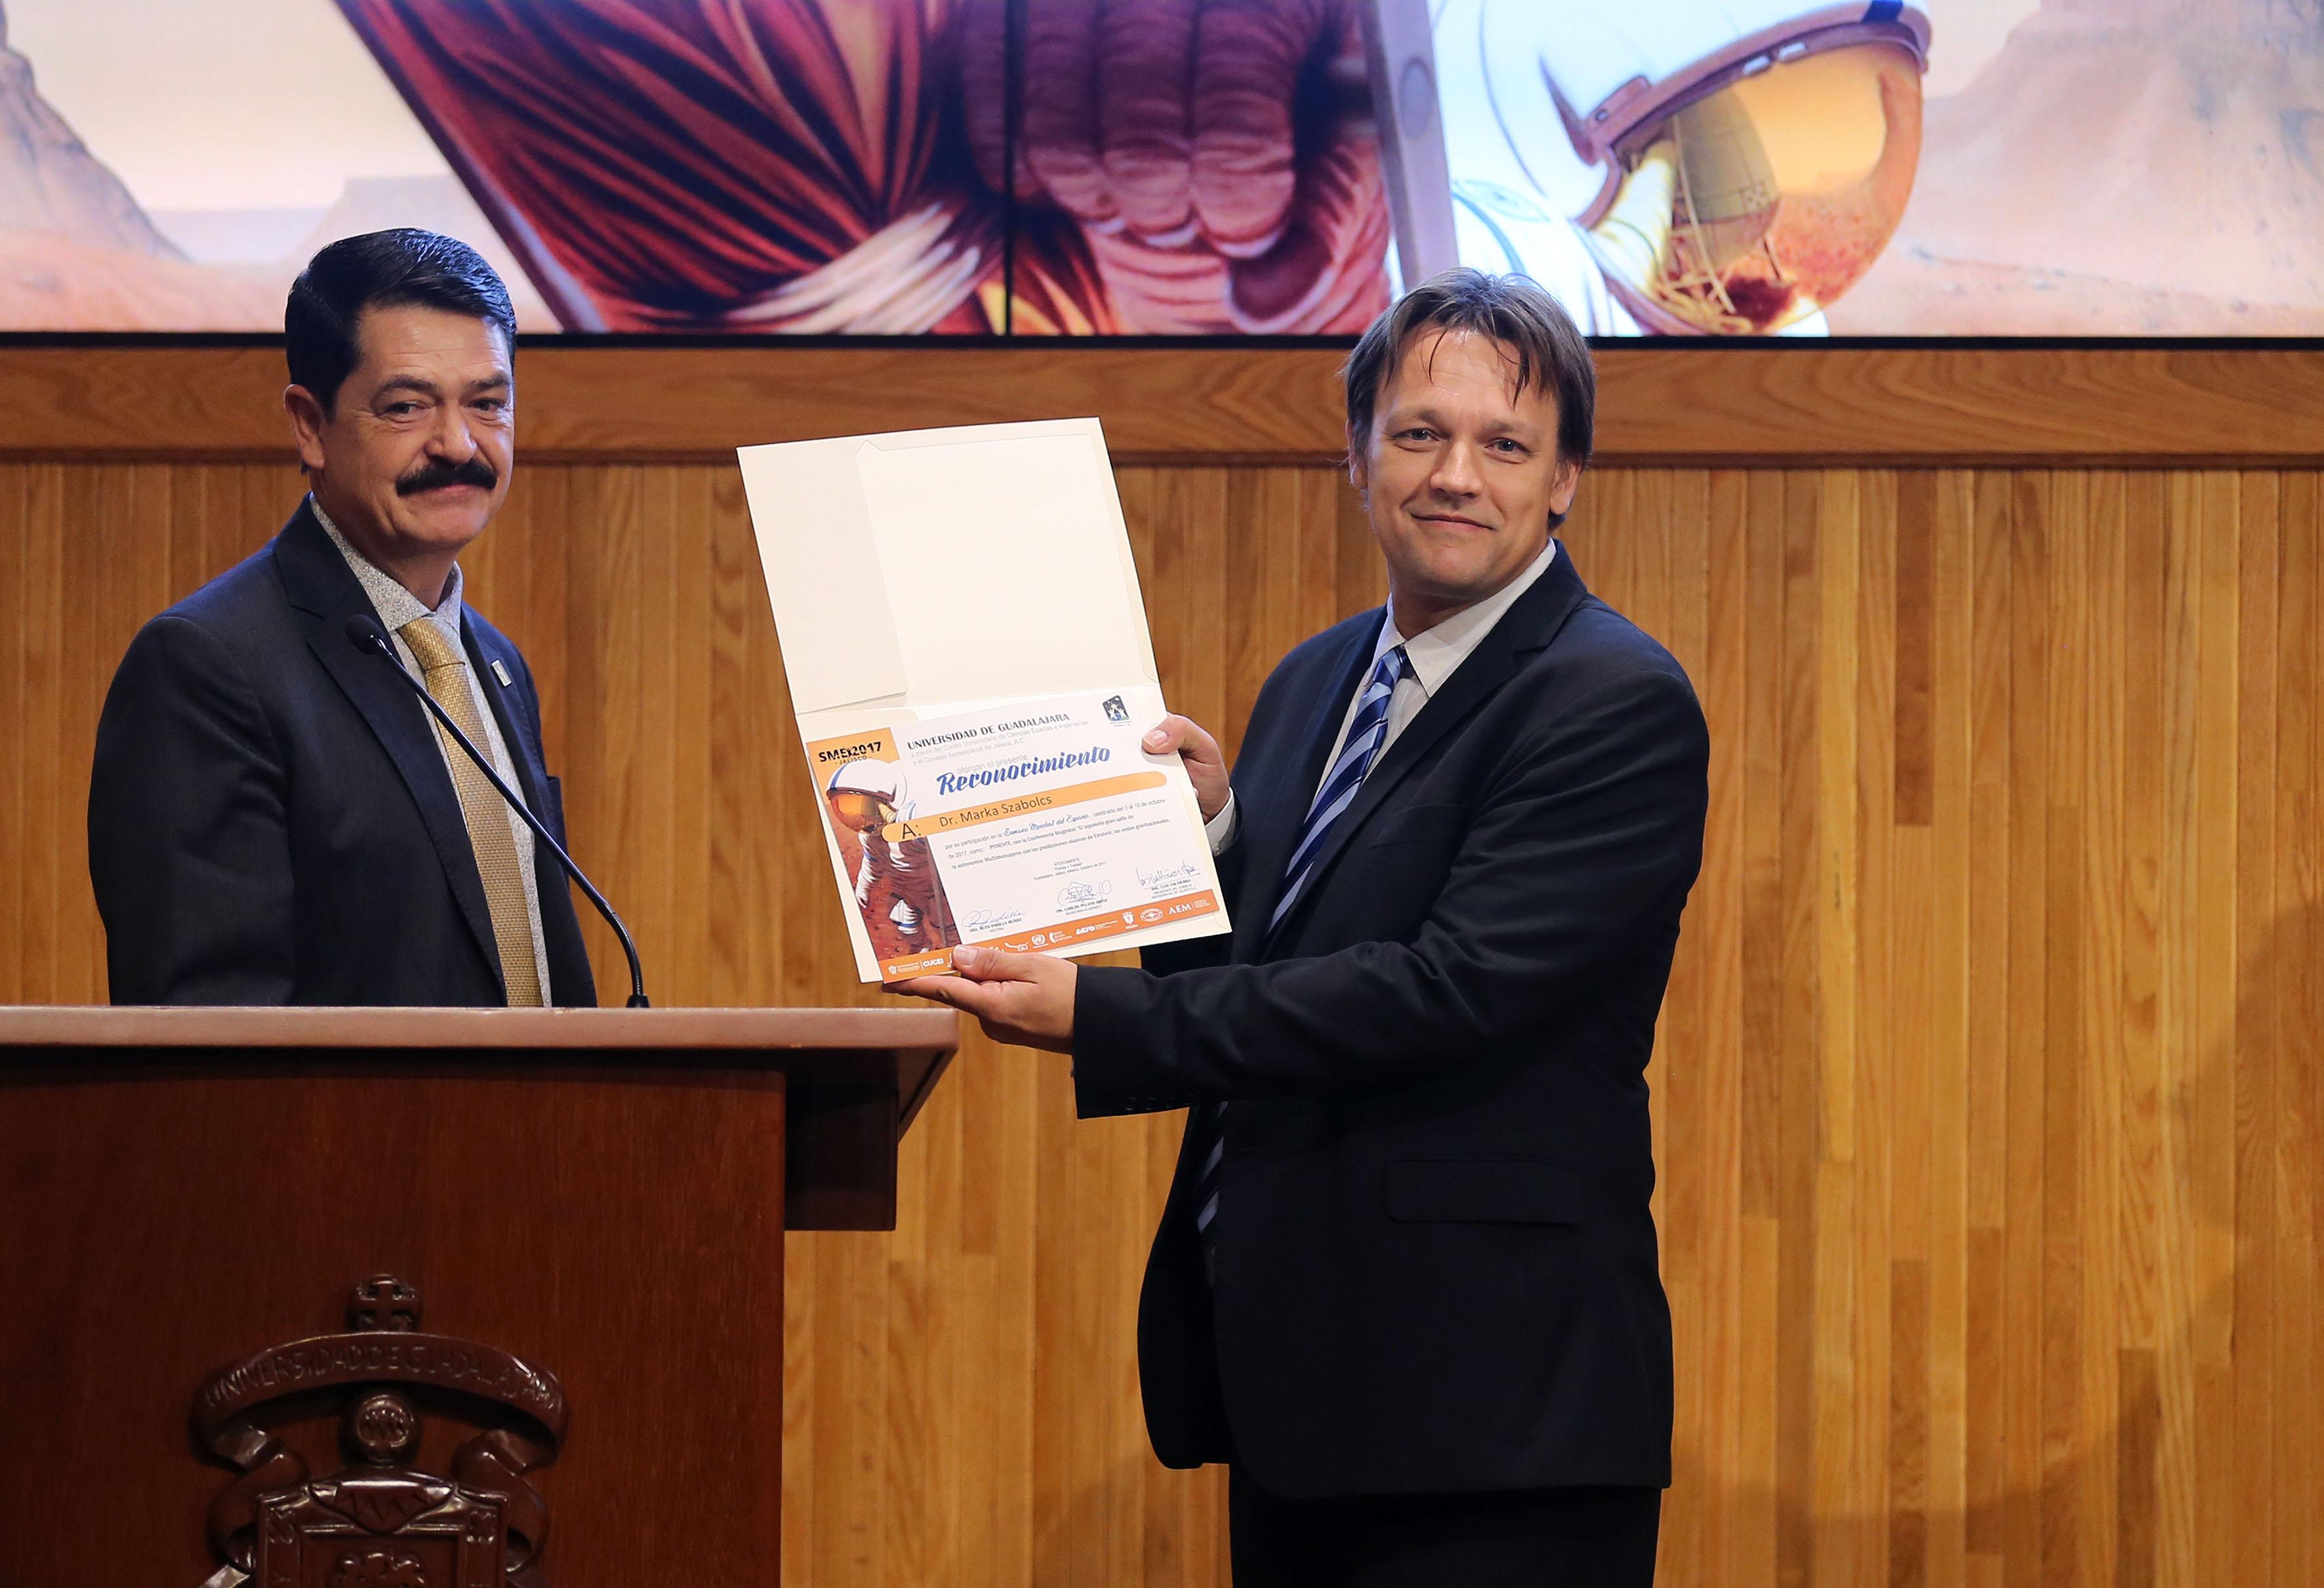 Doctor Marka Szabolcs, académico de la Universidad de Columbia, en Nueva York, este martes durante la clausura de la Semana Mundial del Espacio que organizó el Centro Universitario de Ciencias Exactas e Ingenierías (CUCEI), de la Universidad de Guadalajara (UdeG). mostrando reconocimiento